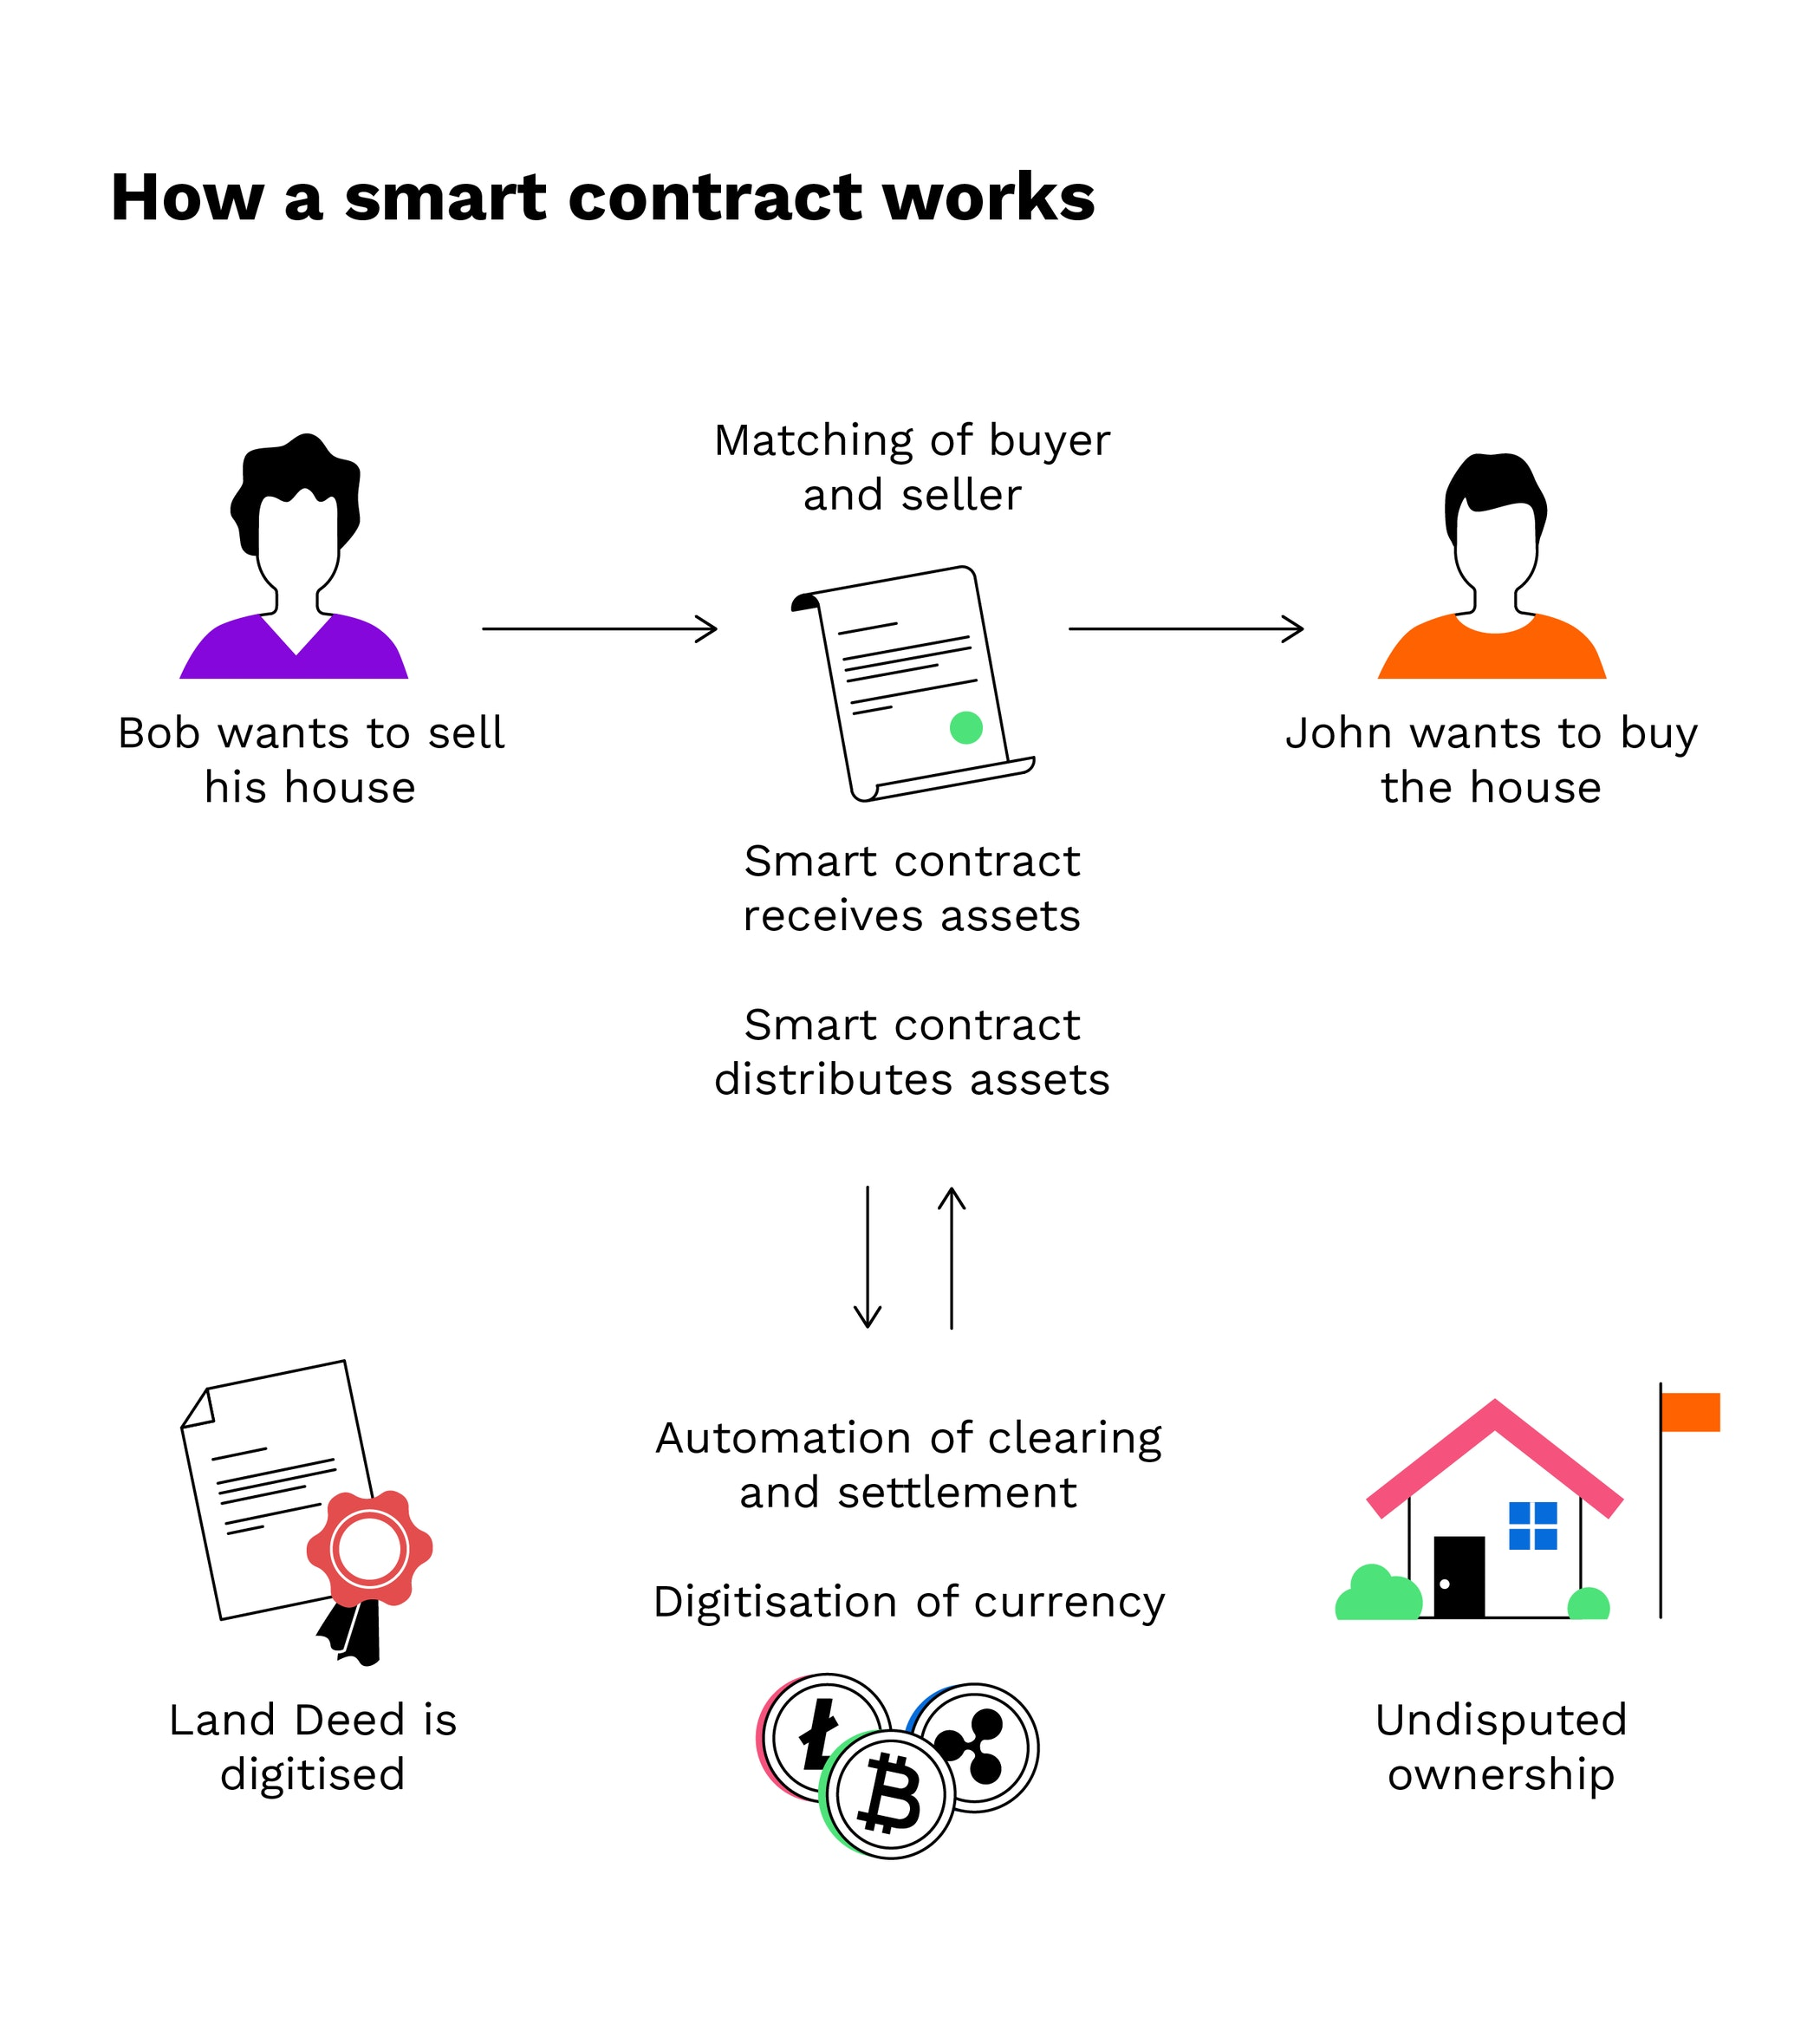 Blockchain: Qué es, cómo funciona y Ejemplos 2021 - bitpanda academy intermediate 11 smart contract infographic